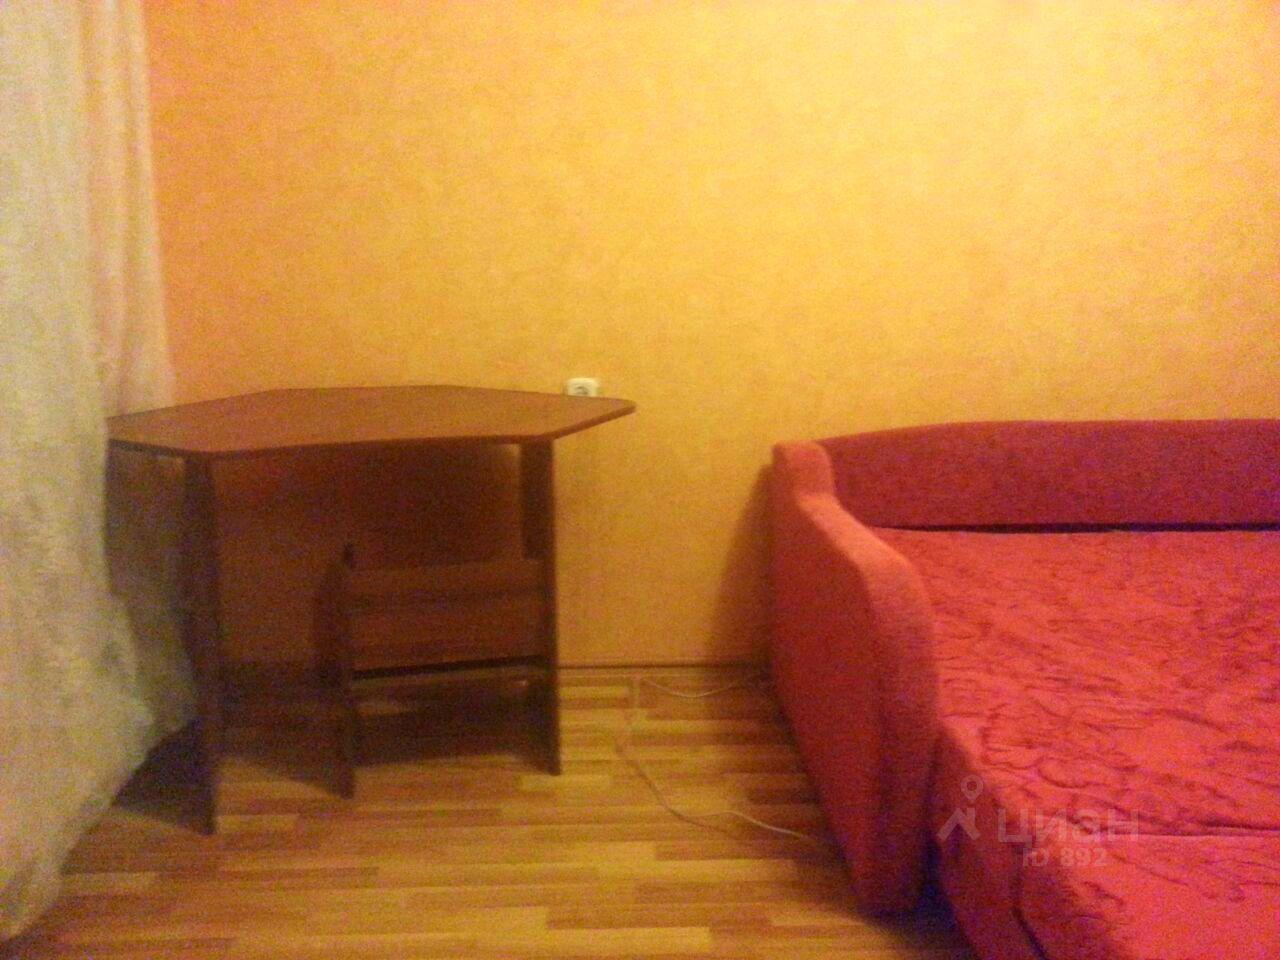 сдам комнату город Москва, метро Шипиловская, Шипиловская улица, д. 50К2